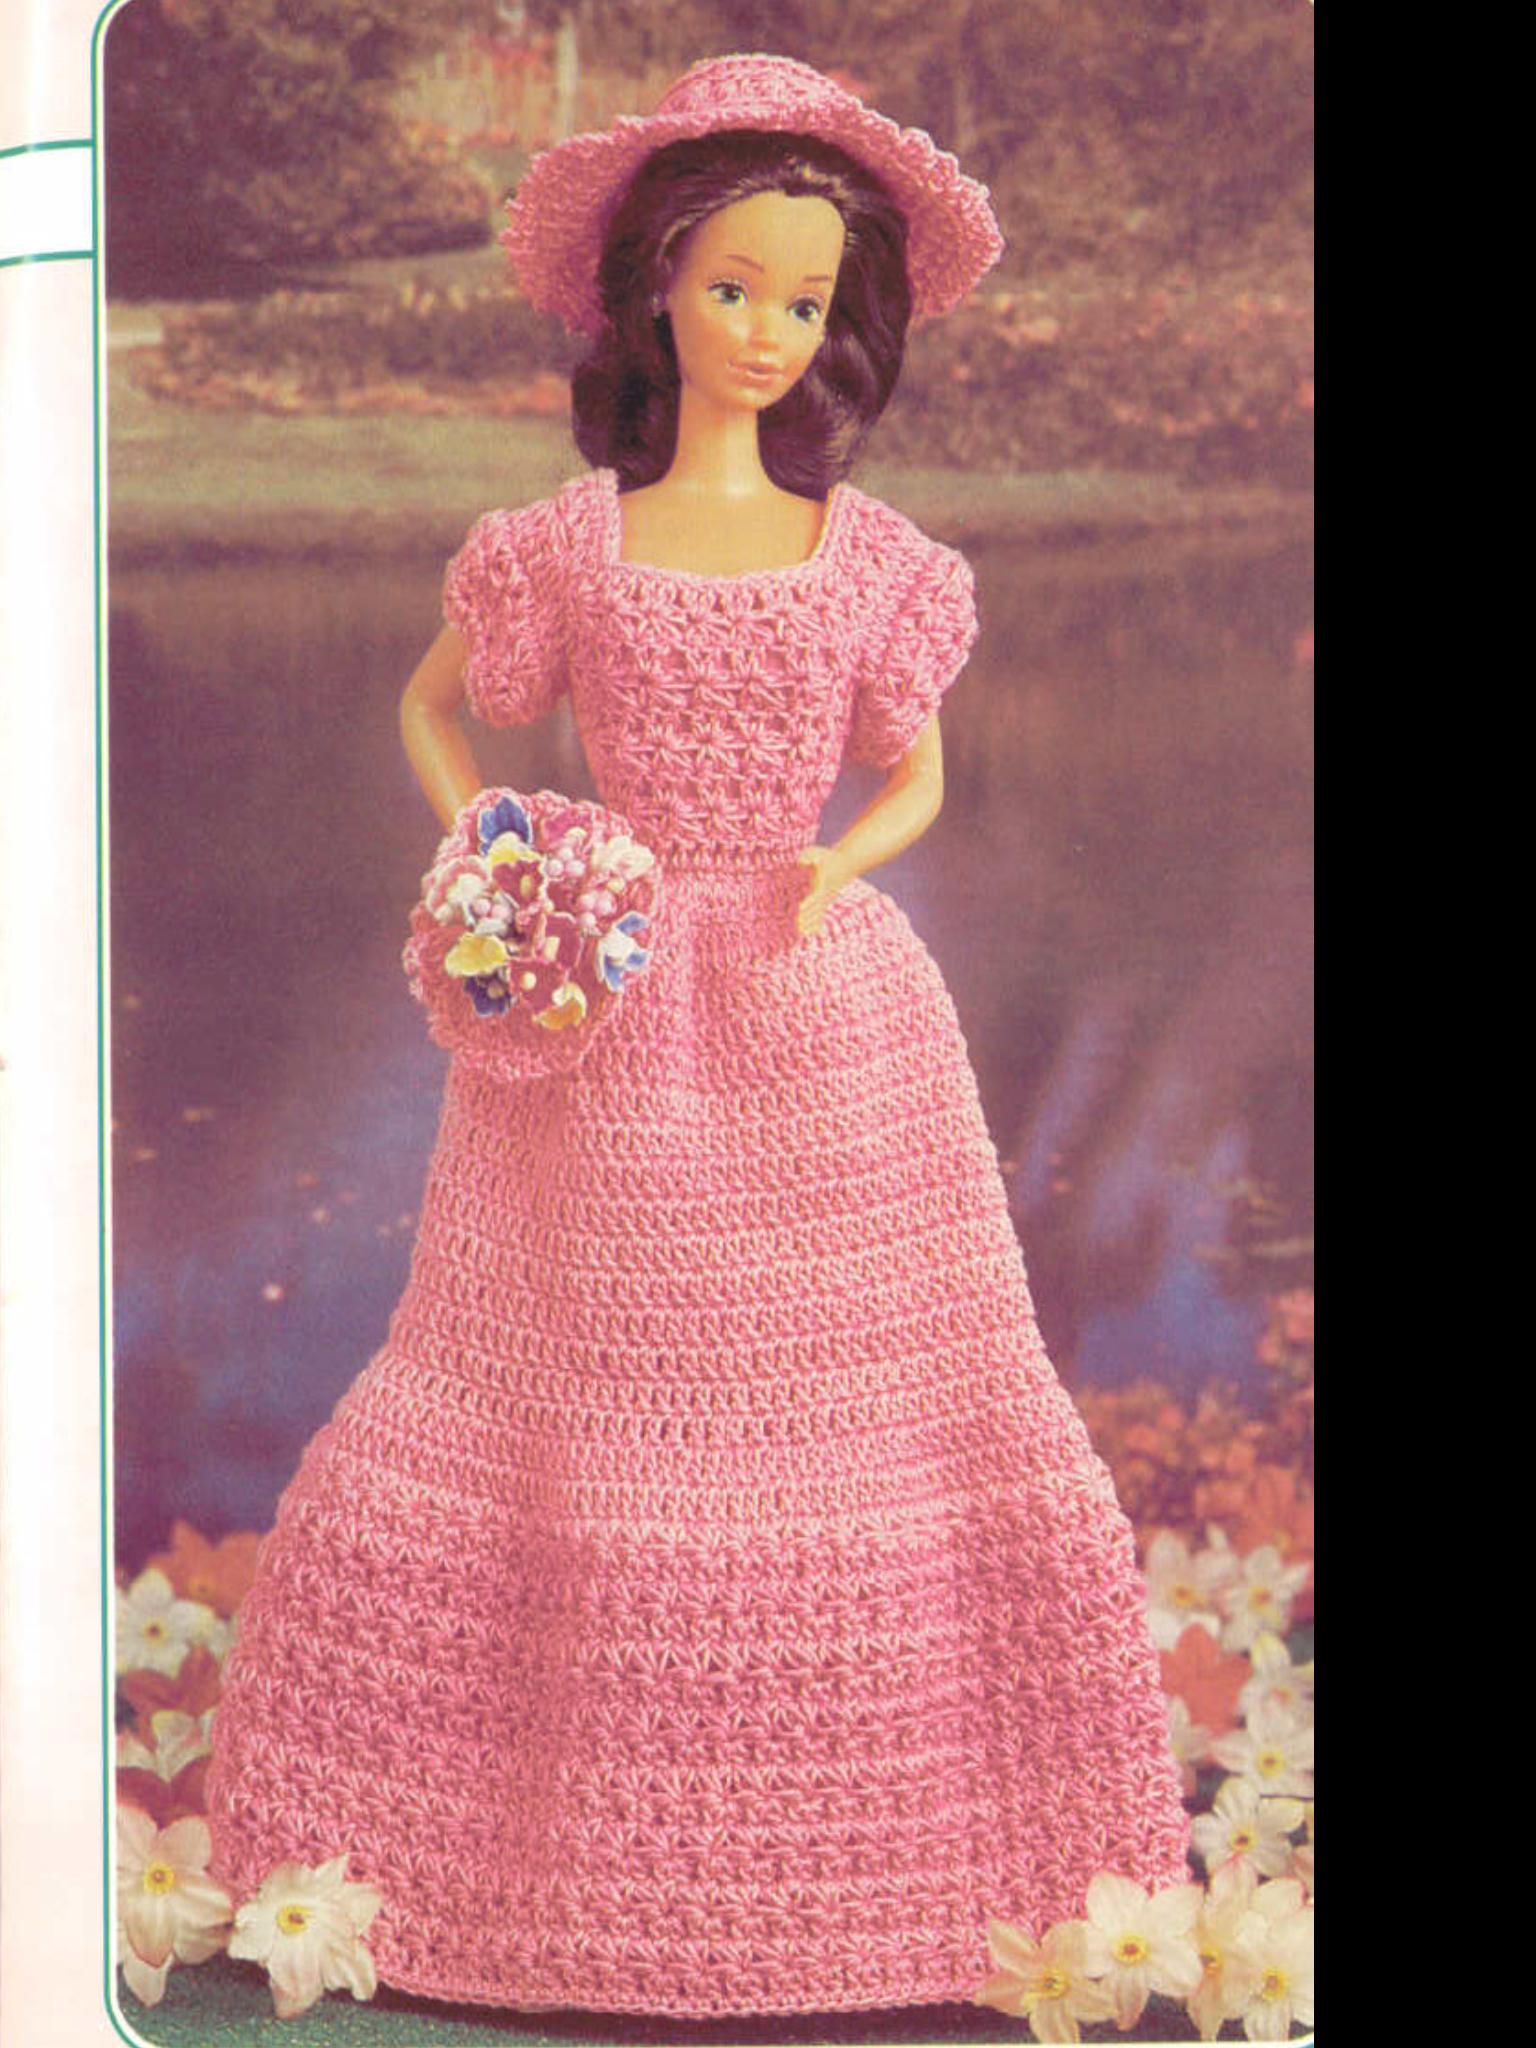 Pin by Candy on Barbie crochet world Crochet barbie